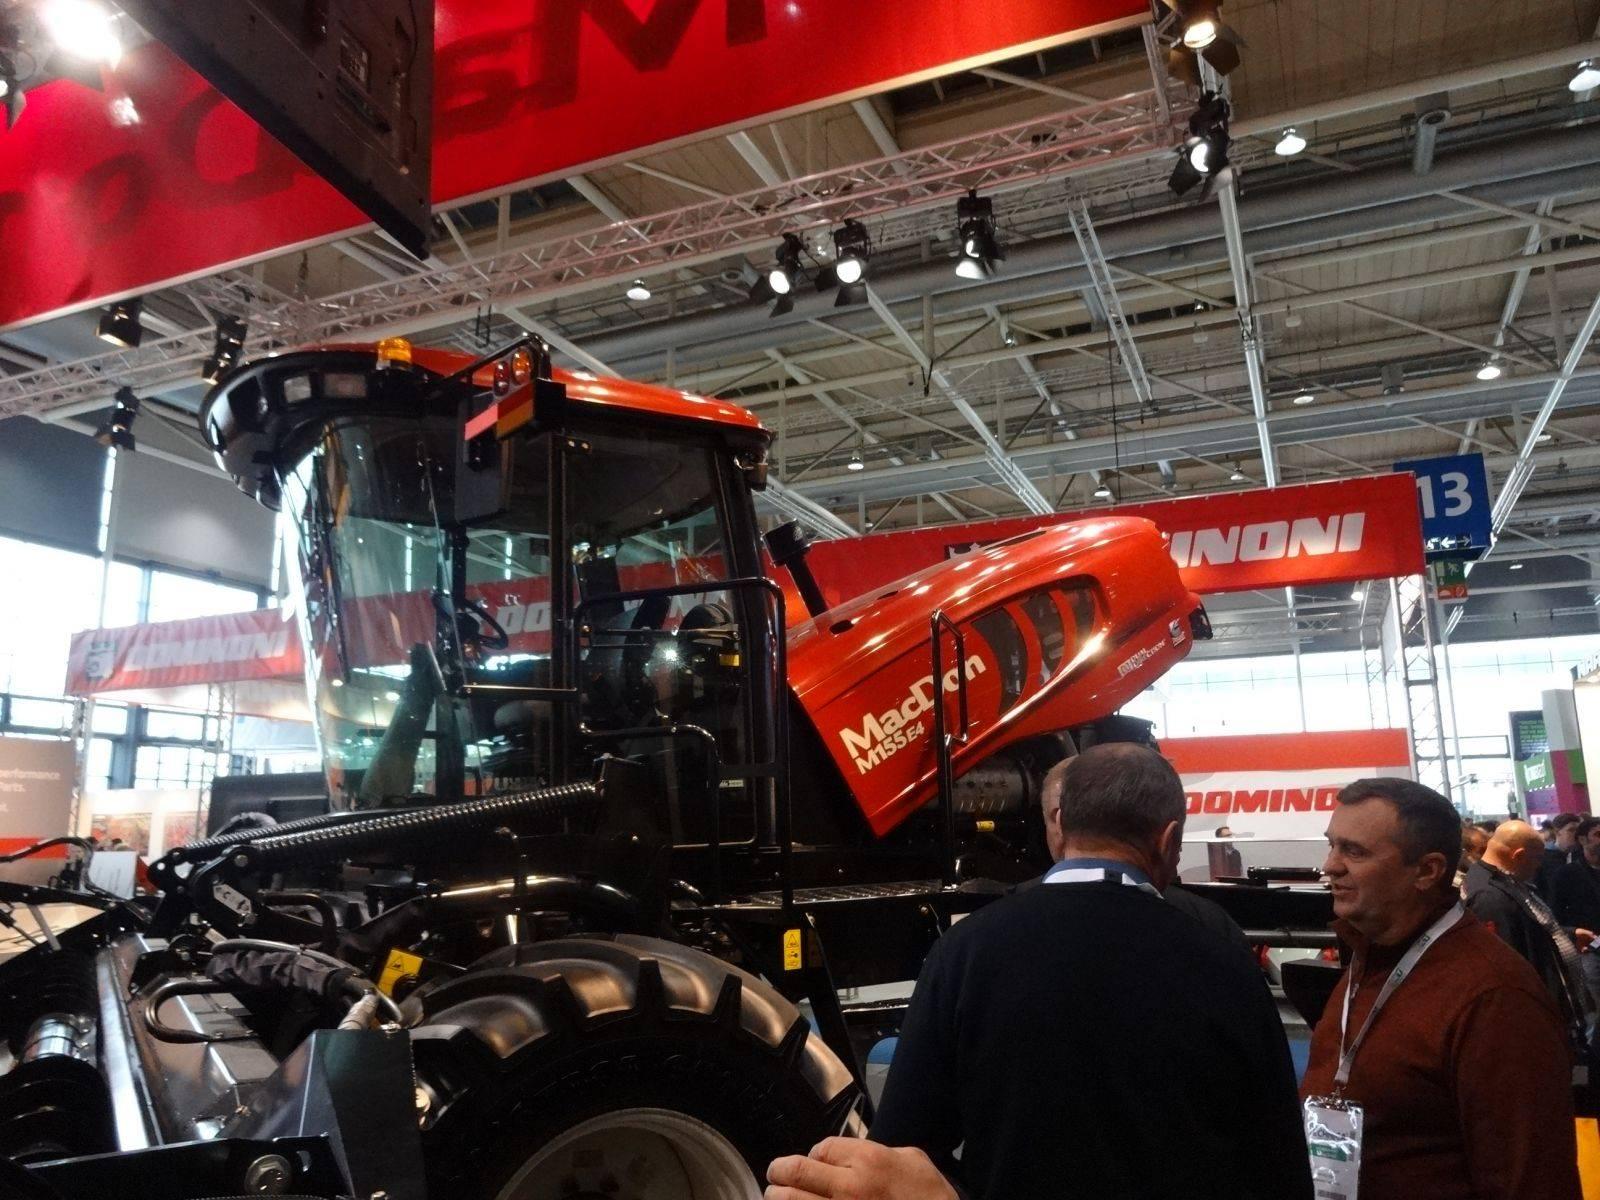 Производители сельхозтехники представили новинки на выставке agritechnica 2017